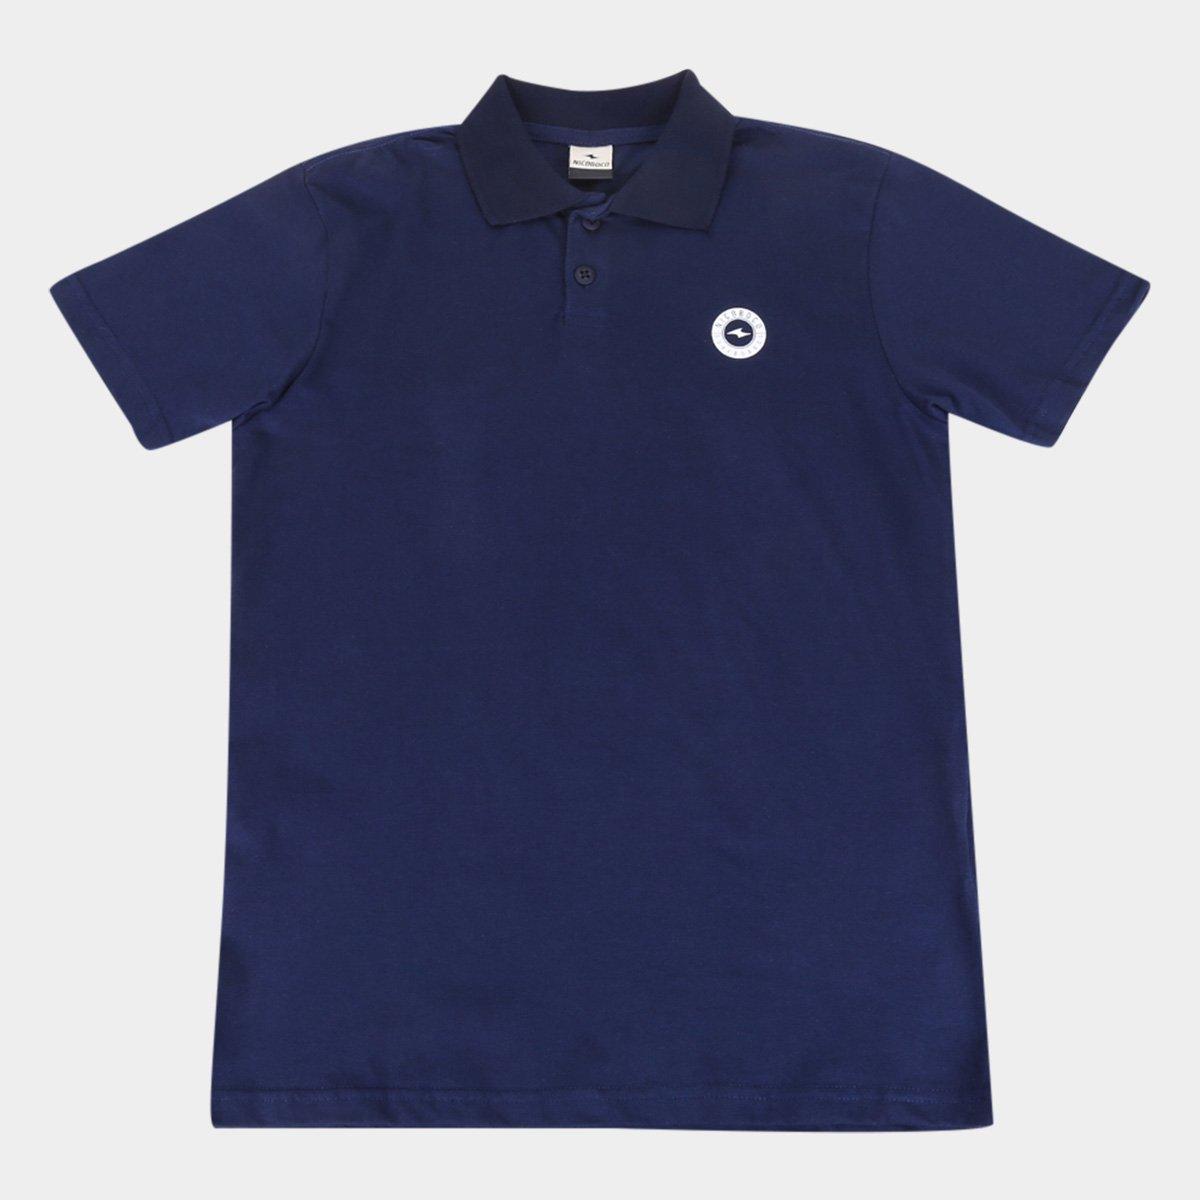 Camisa Polo Juvenil Nicoboco Smeargle Masculina